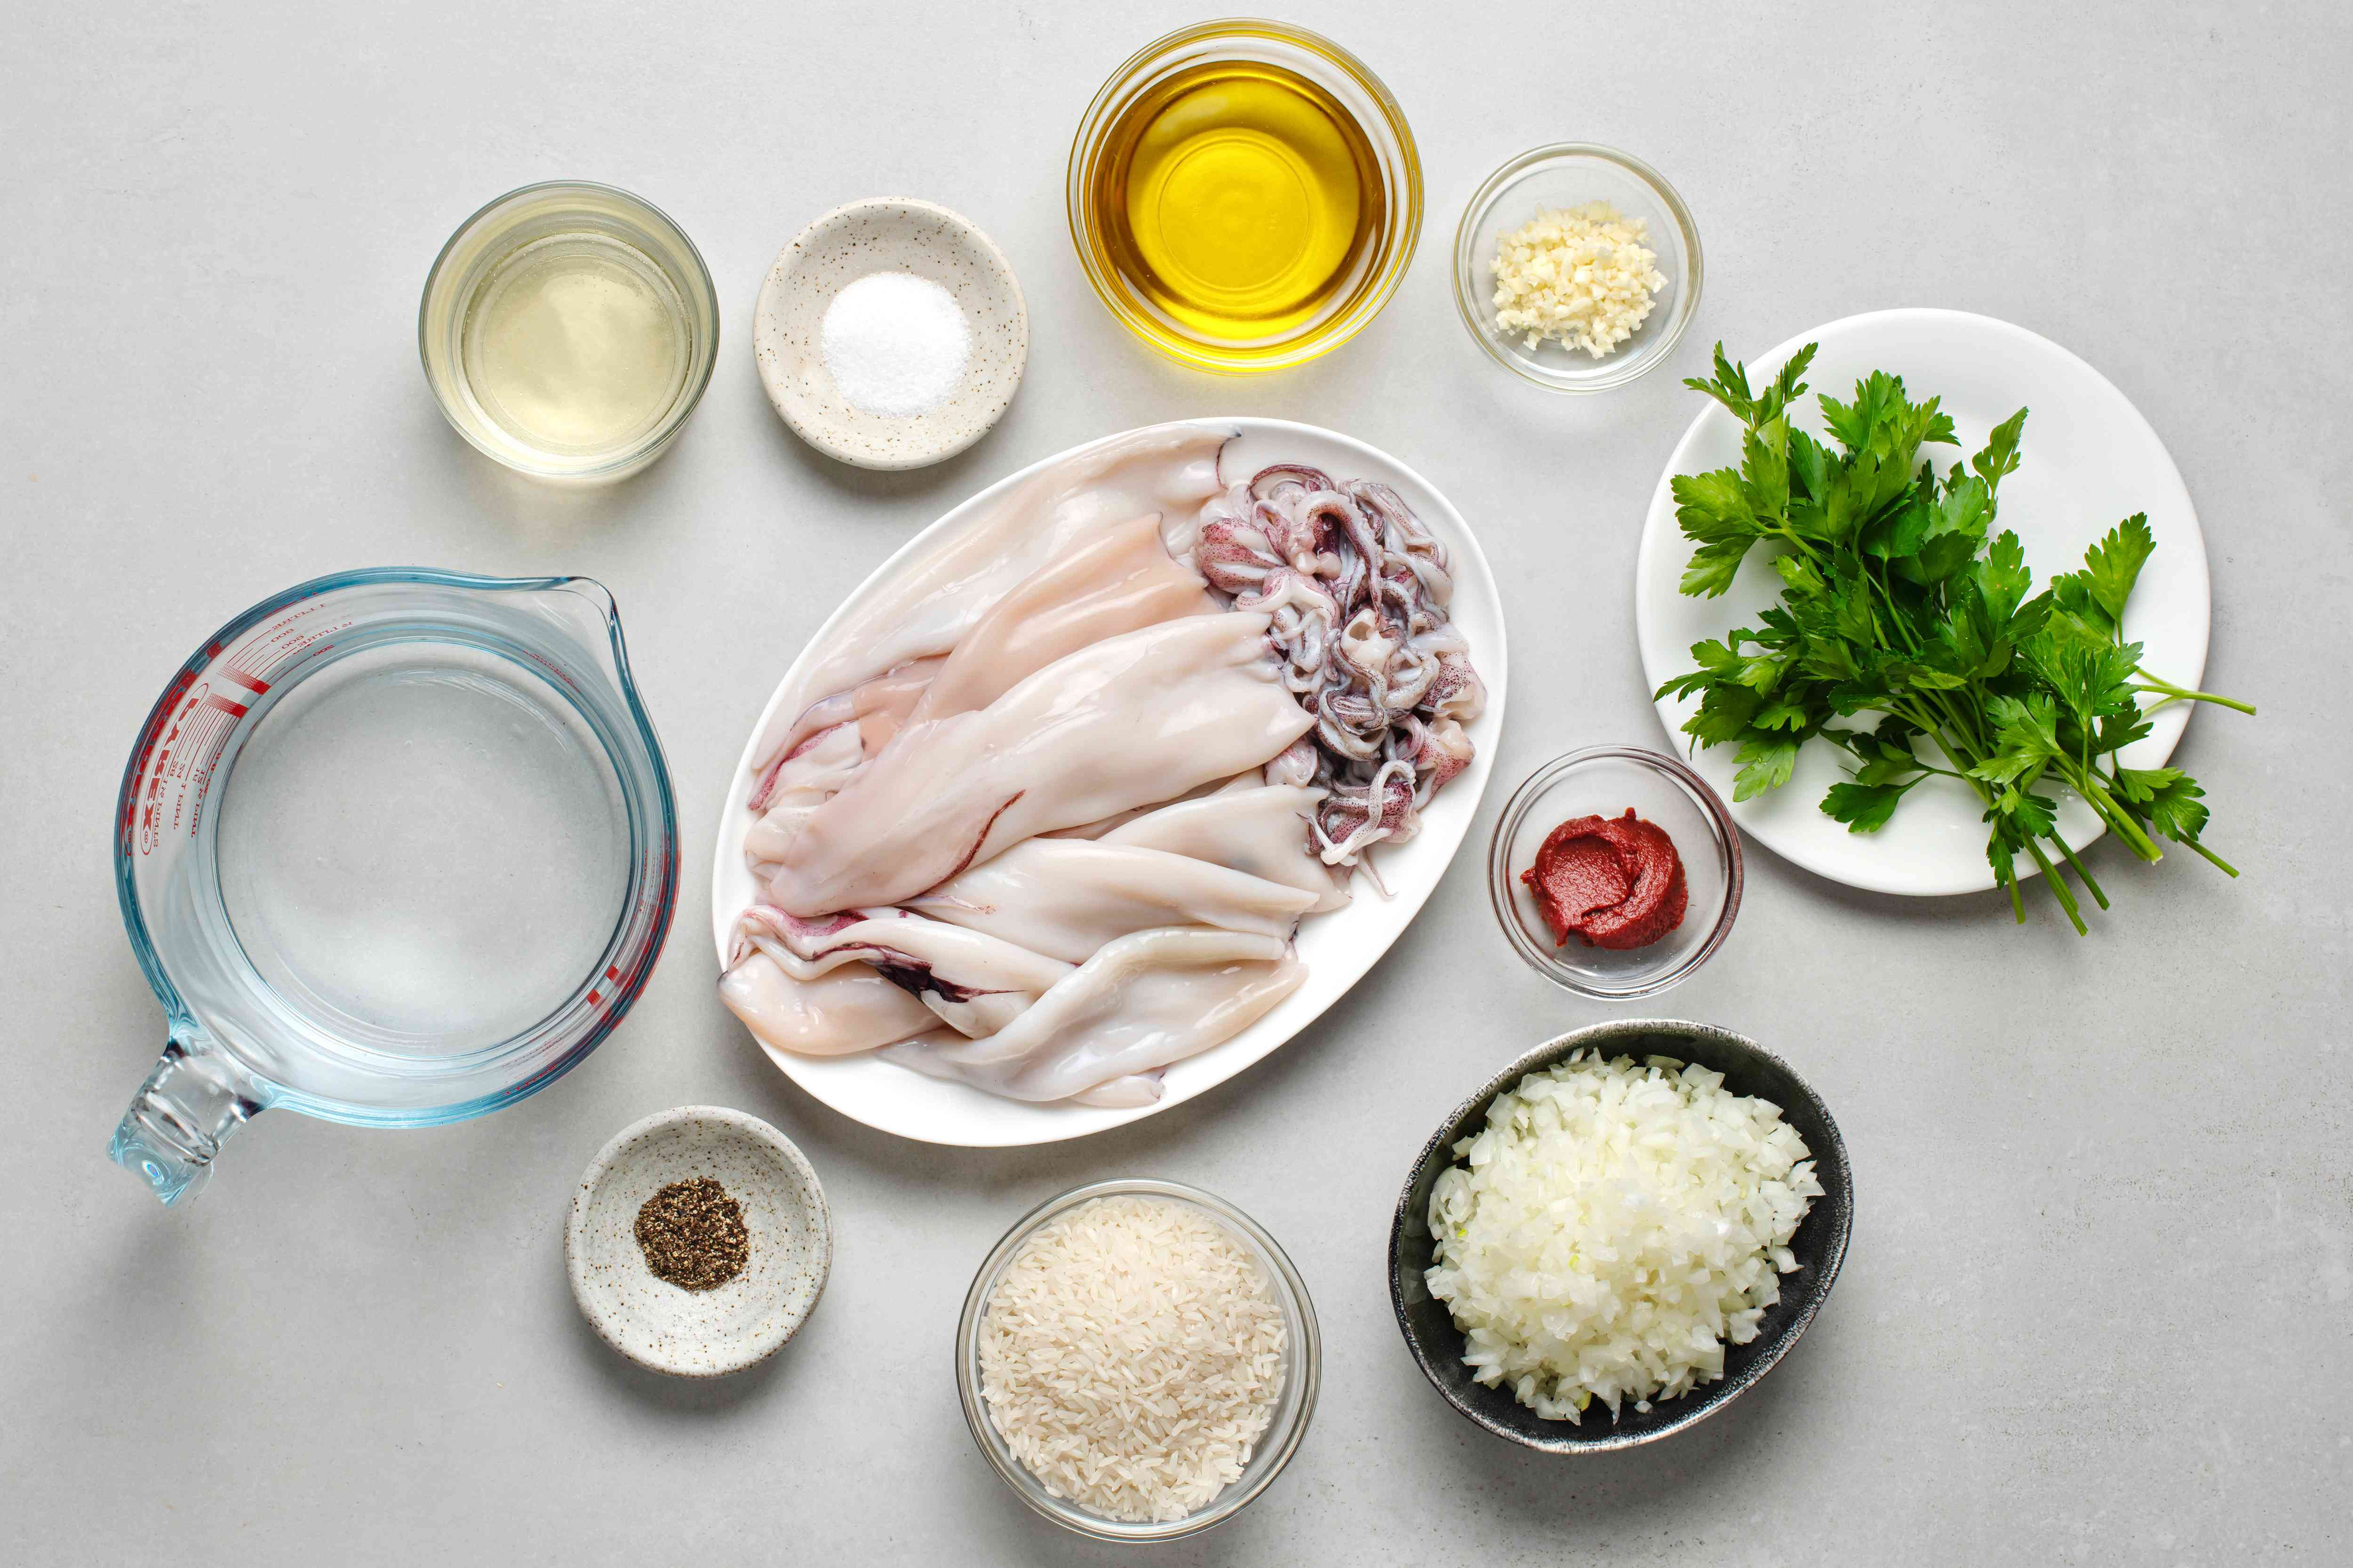 Ingredients to make Greek stuffed squid